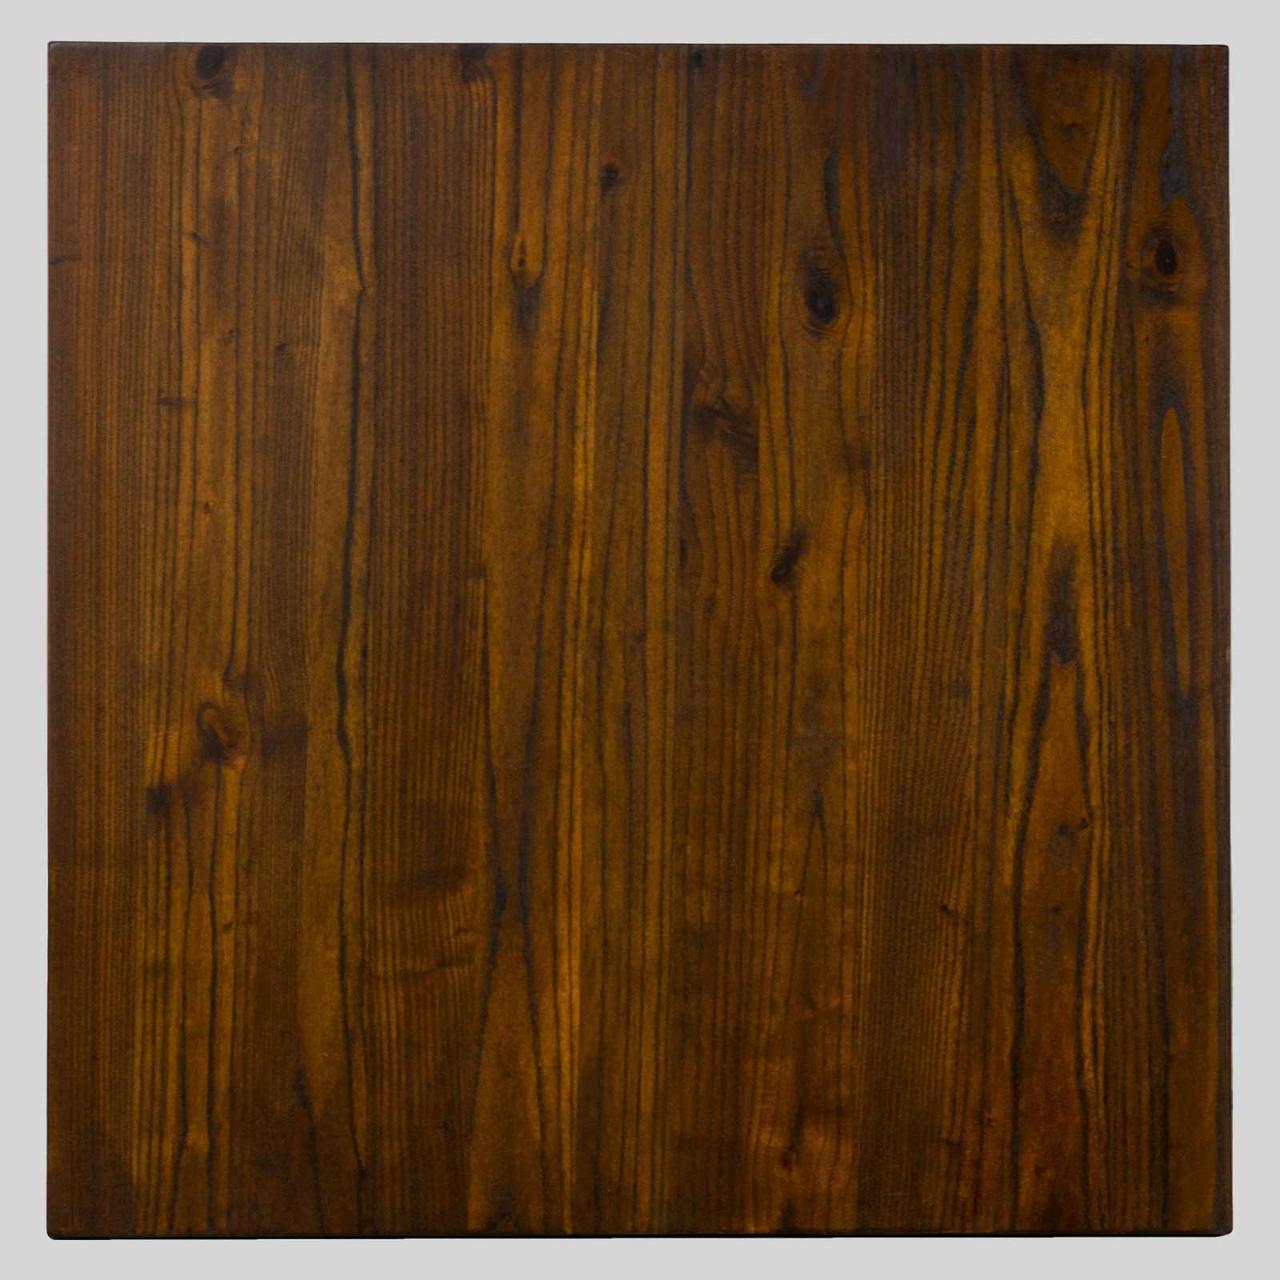 elm_timber_table_top_700dia_walnut_t.jpg